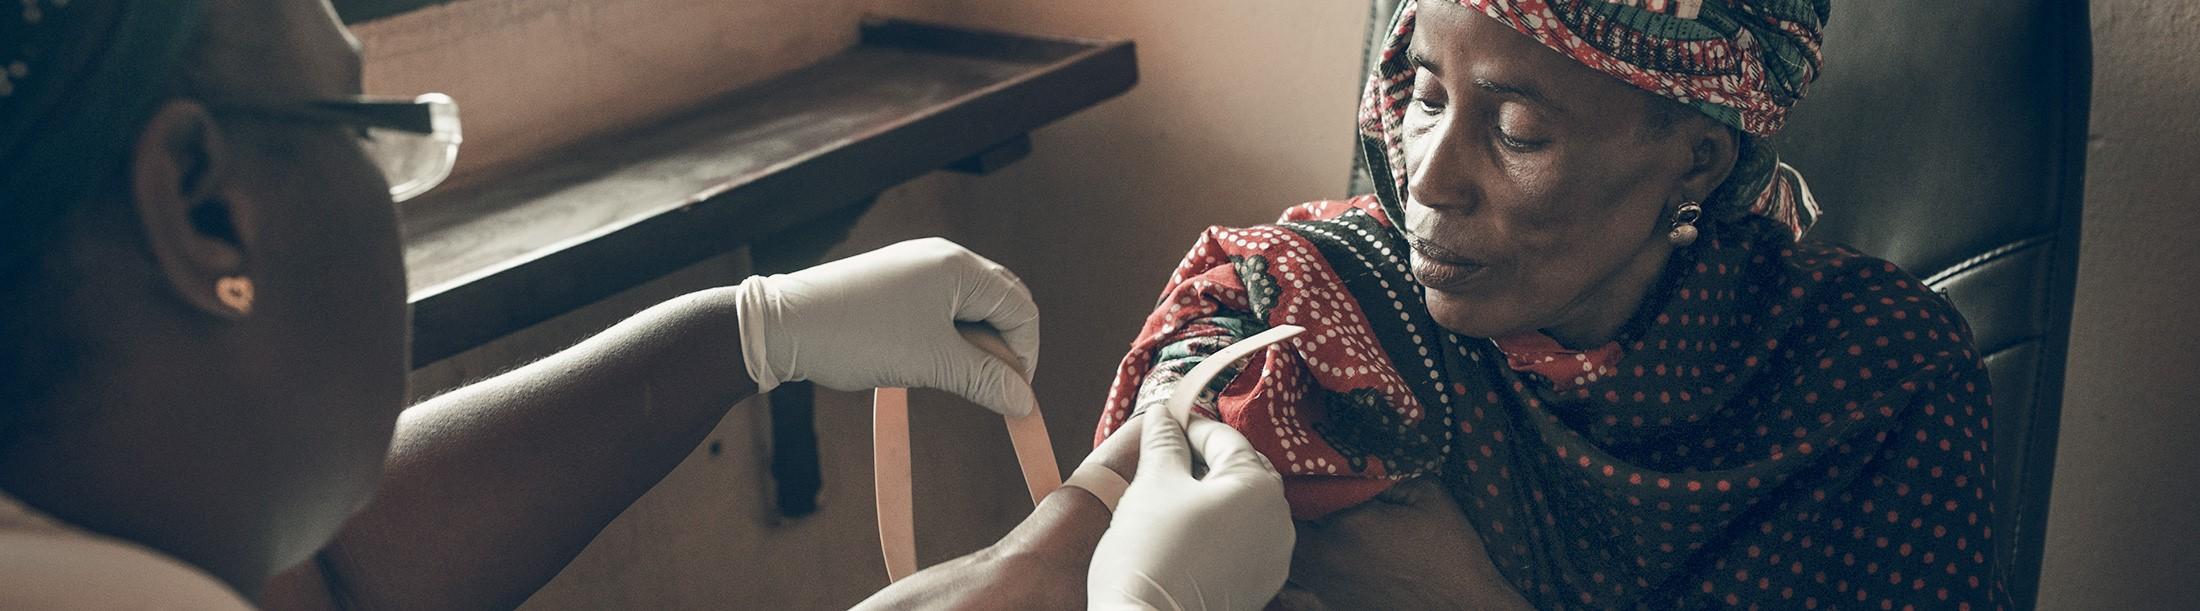 L'AIDS, un'infezione letale dimenticata (di S. Xinwei Jin, S.M. Di Paolo, S. Vietti)